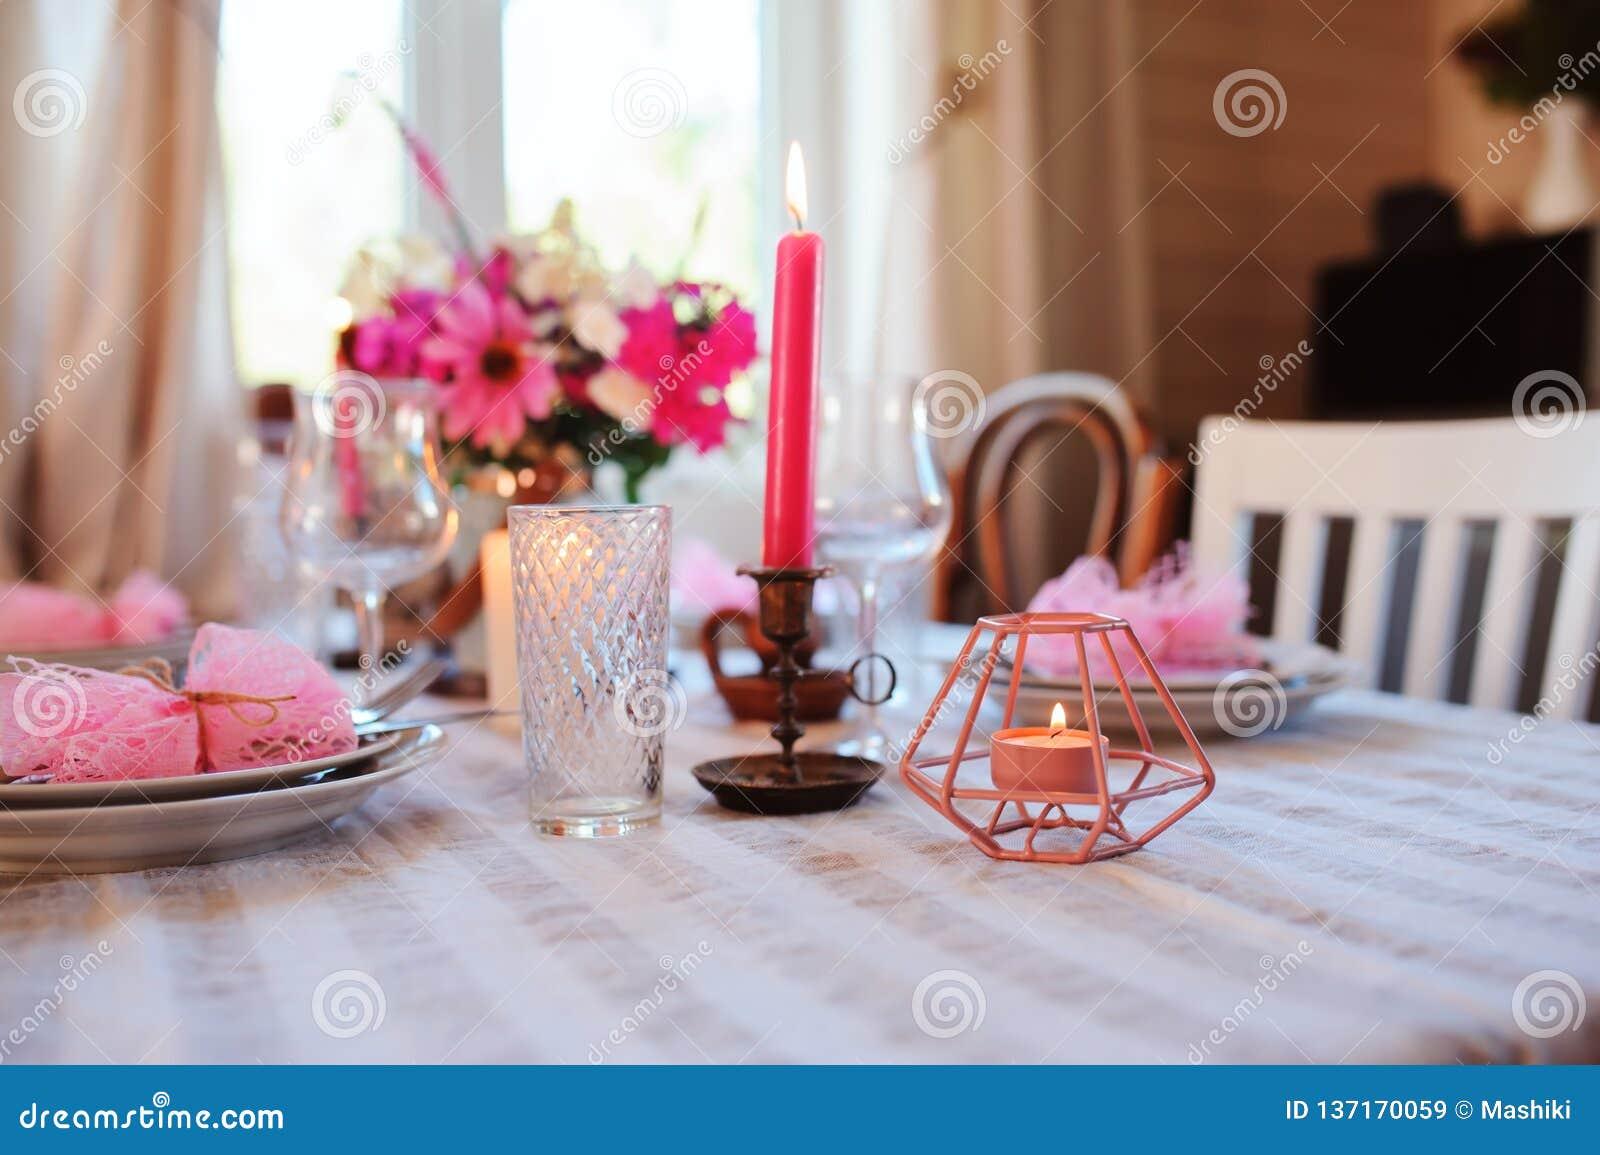 Cuisine de cottage d été décorée pour le dîner de fête Arrangement romantique de table avec des bougies